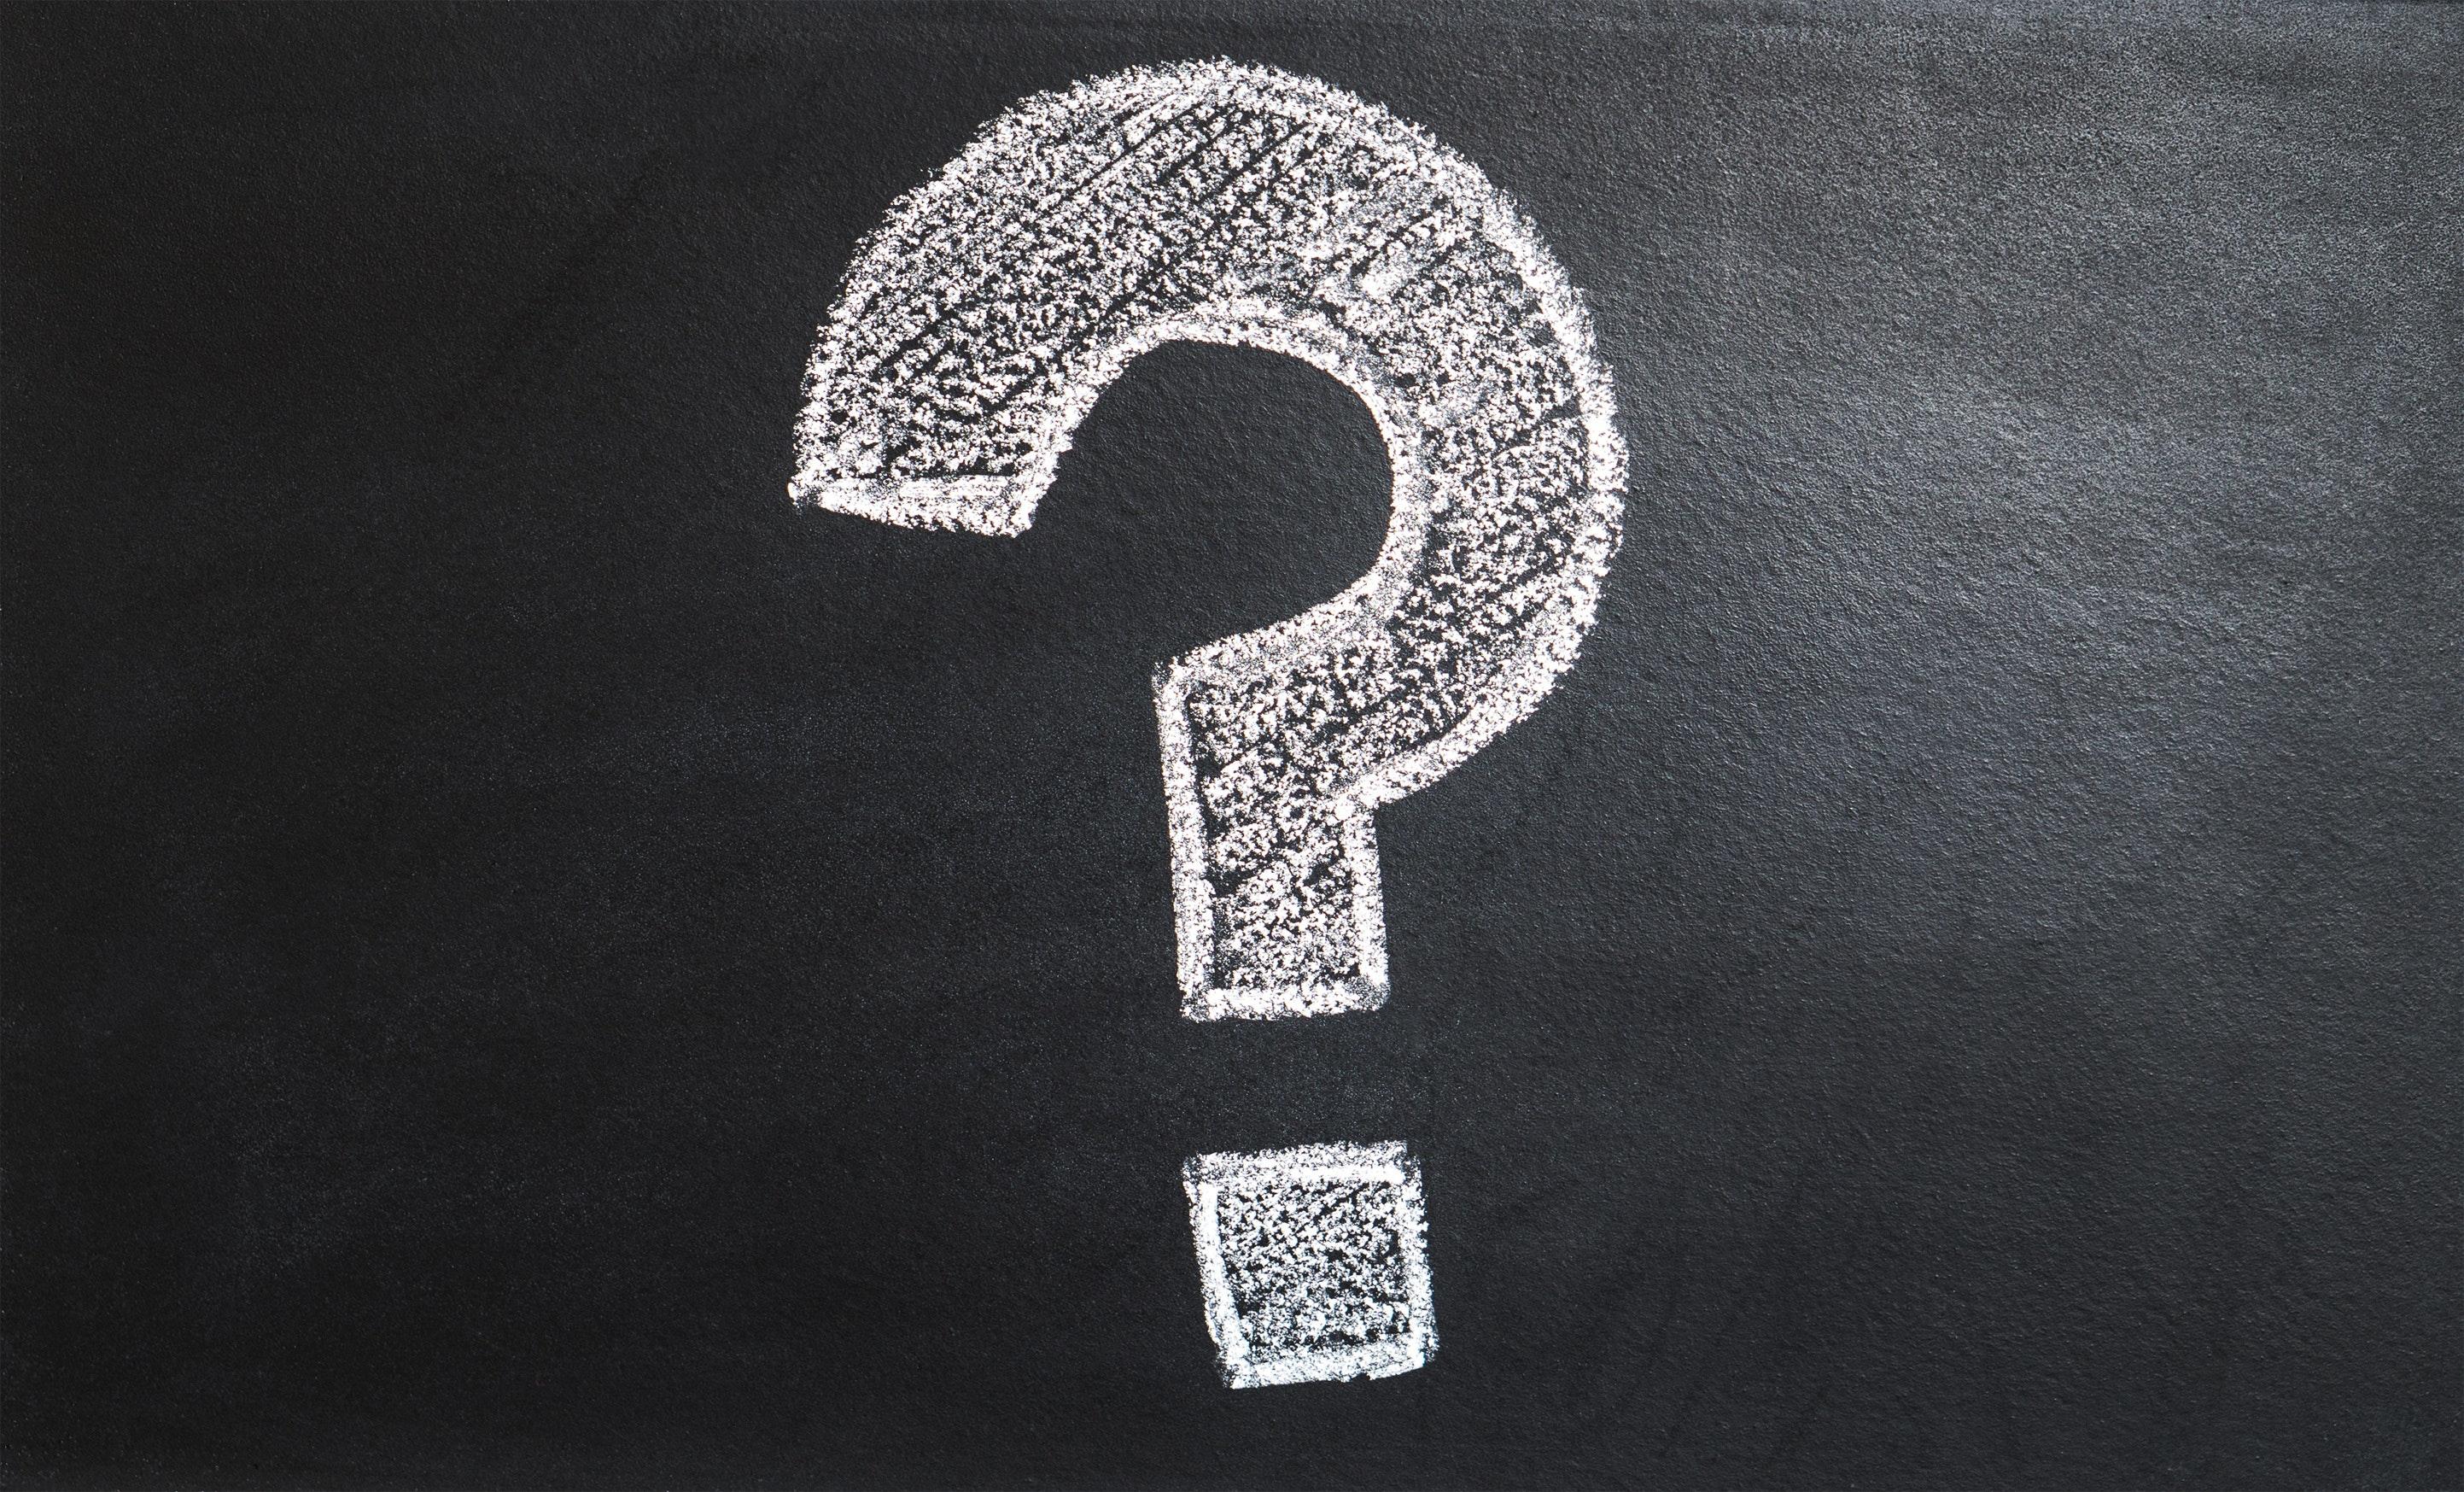 ask-blackboard-356079